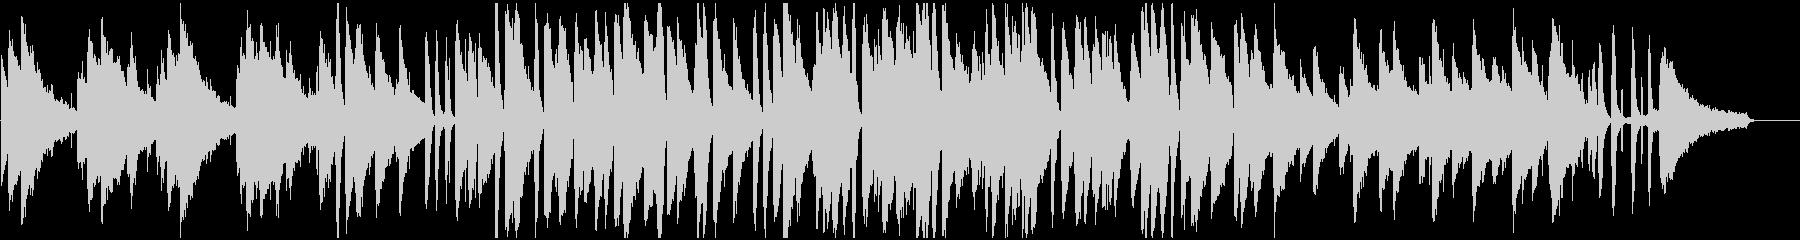 上品で暖かなピアノメインのジャズBGMの未再生の波形